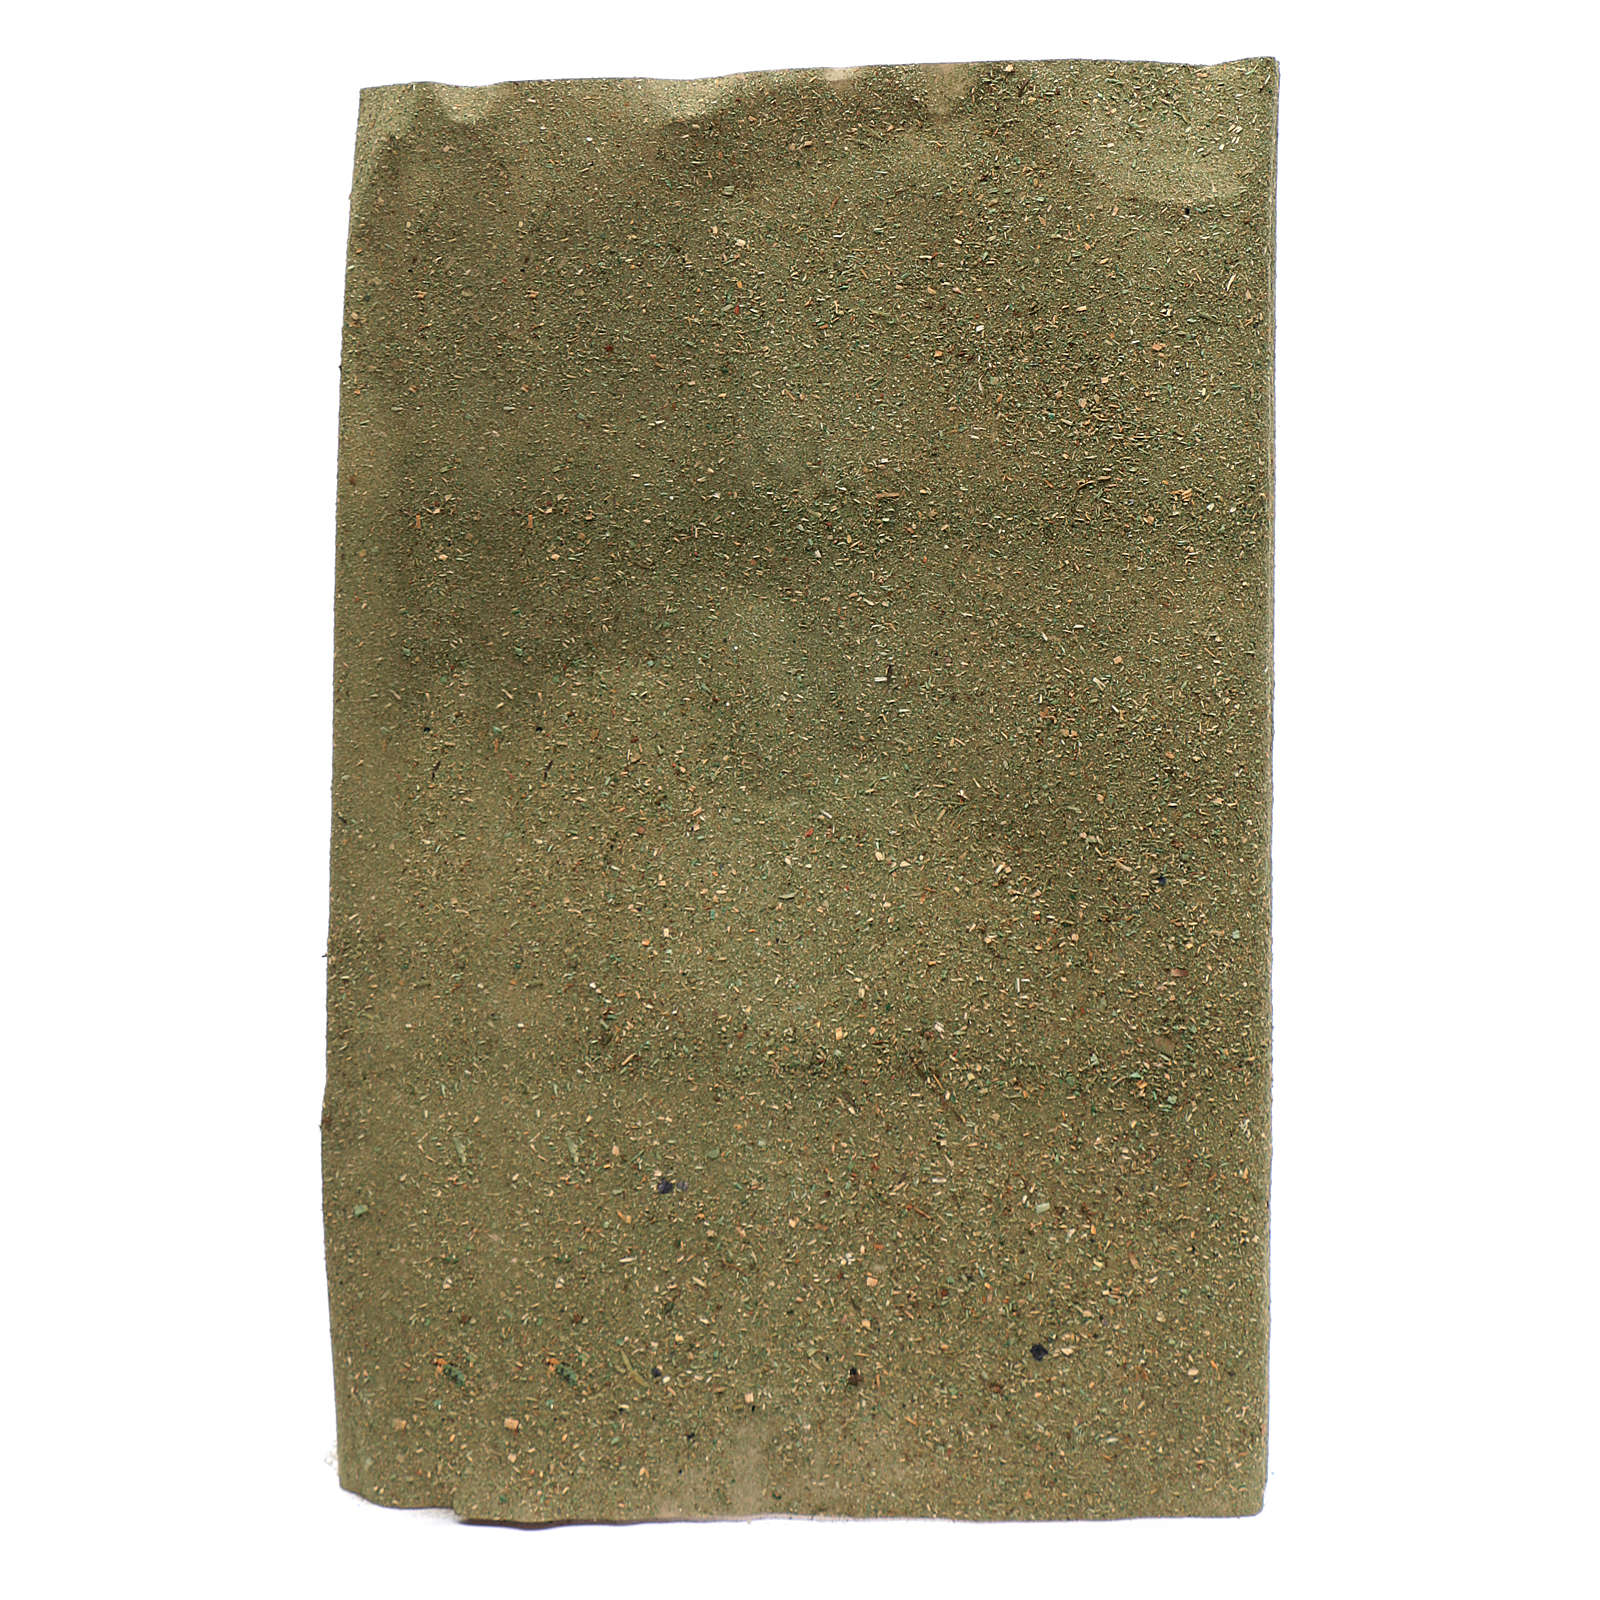 Rouleau papier pour pelouse pour bricolage crèche 50x70 cm 4